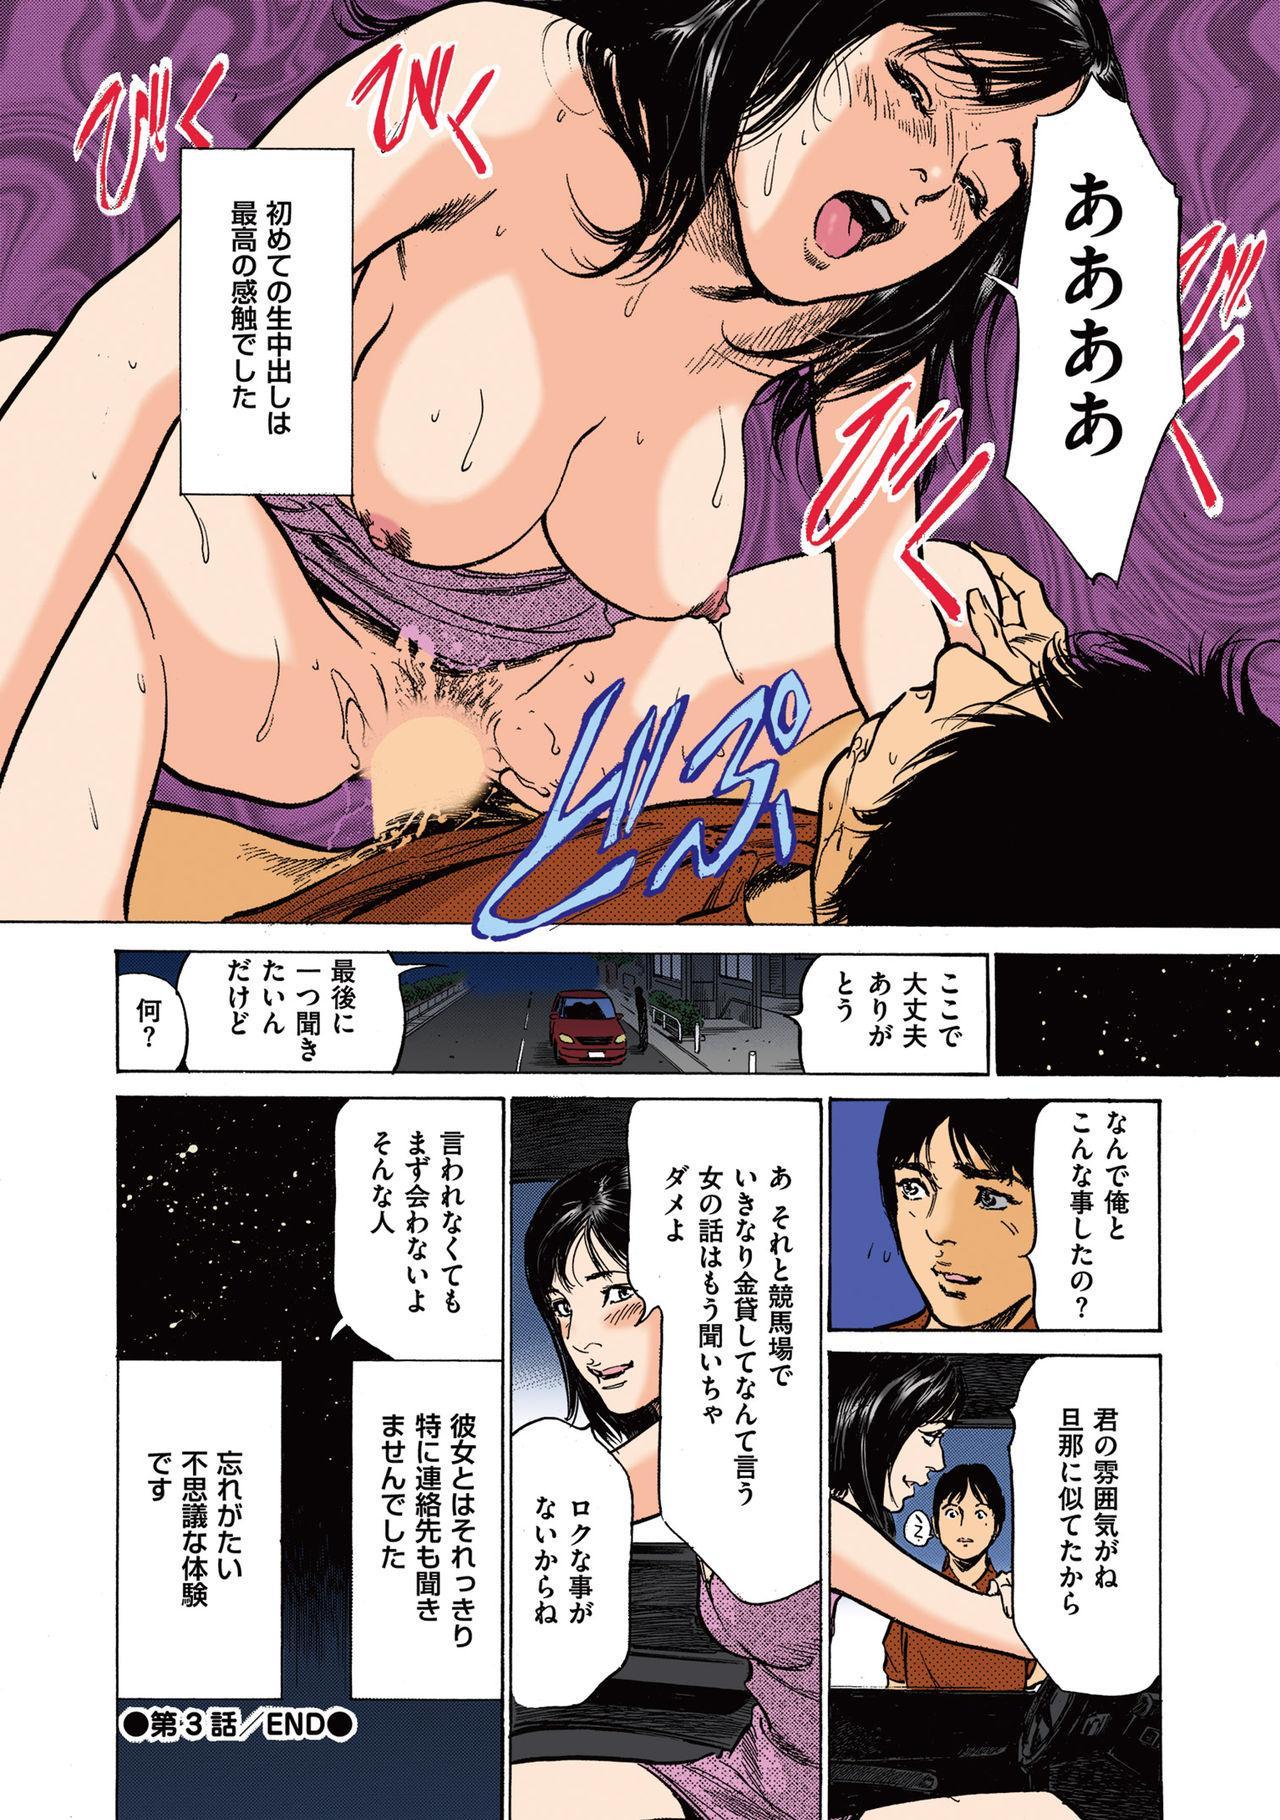 [Hazuki Kaoru] Hazuki Kaoru no Tamaranai Hanashi (Full Color Version) 2-1 51